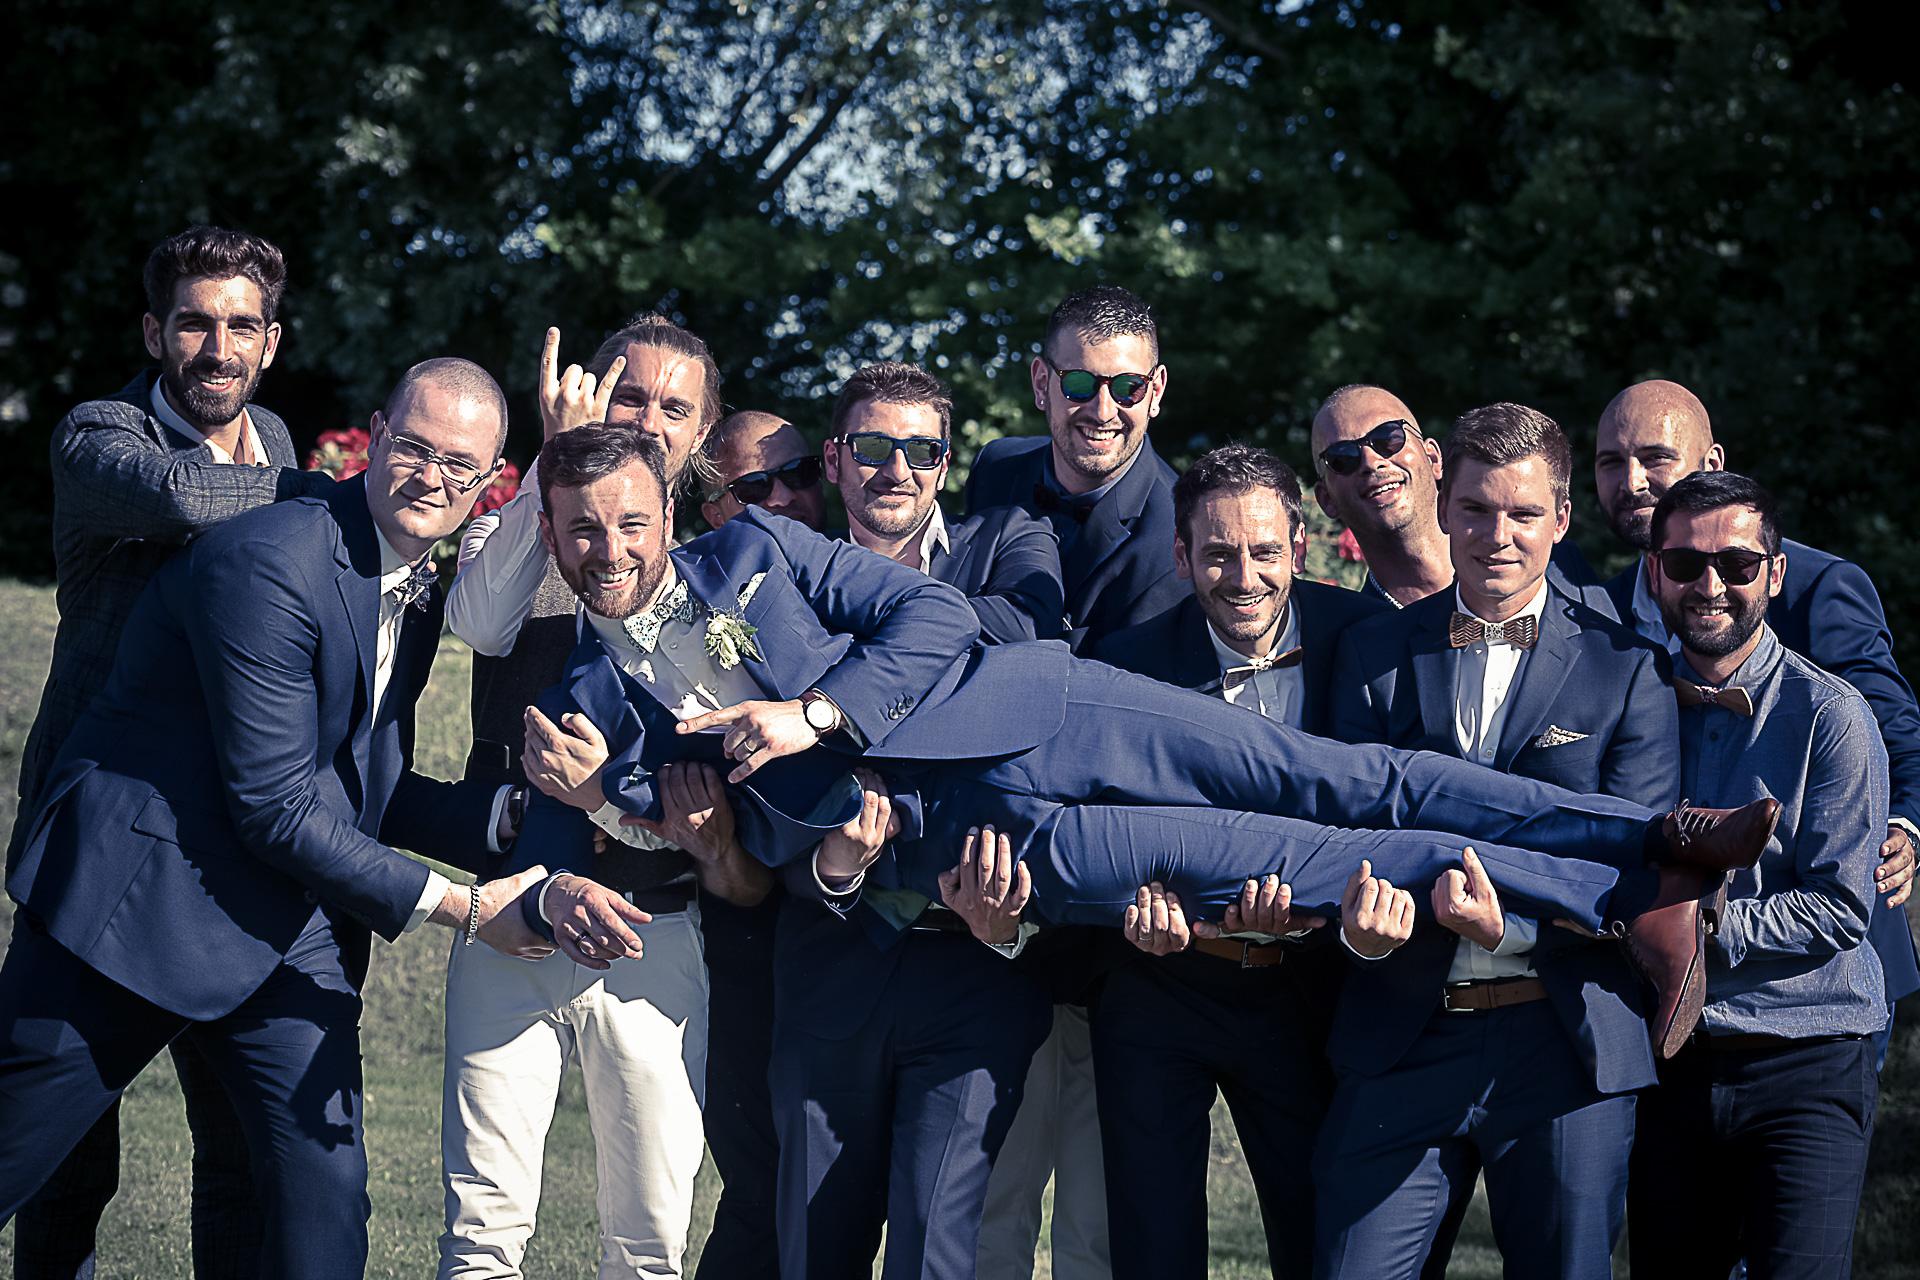 photographe-mariage-photos-groupe-romain-emilie